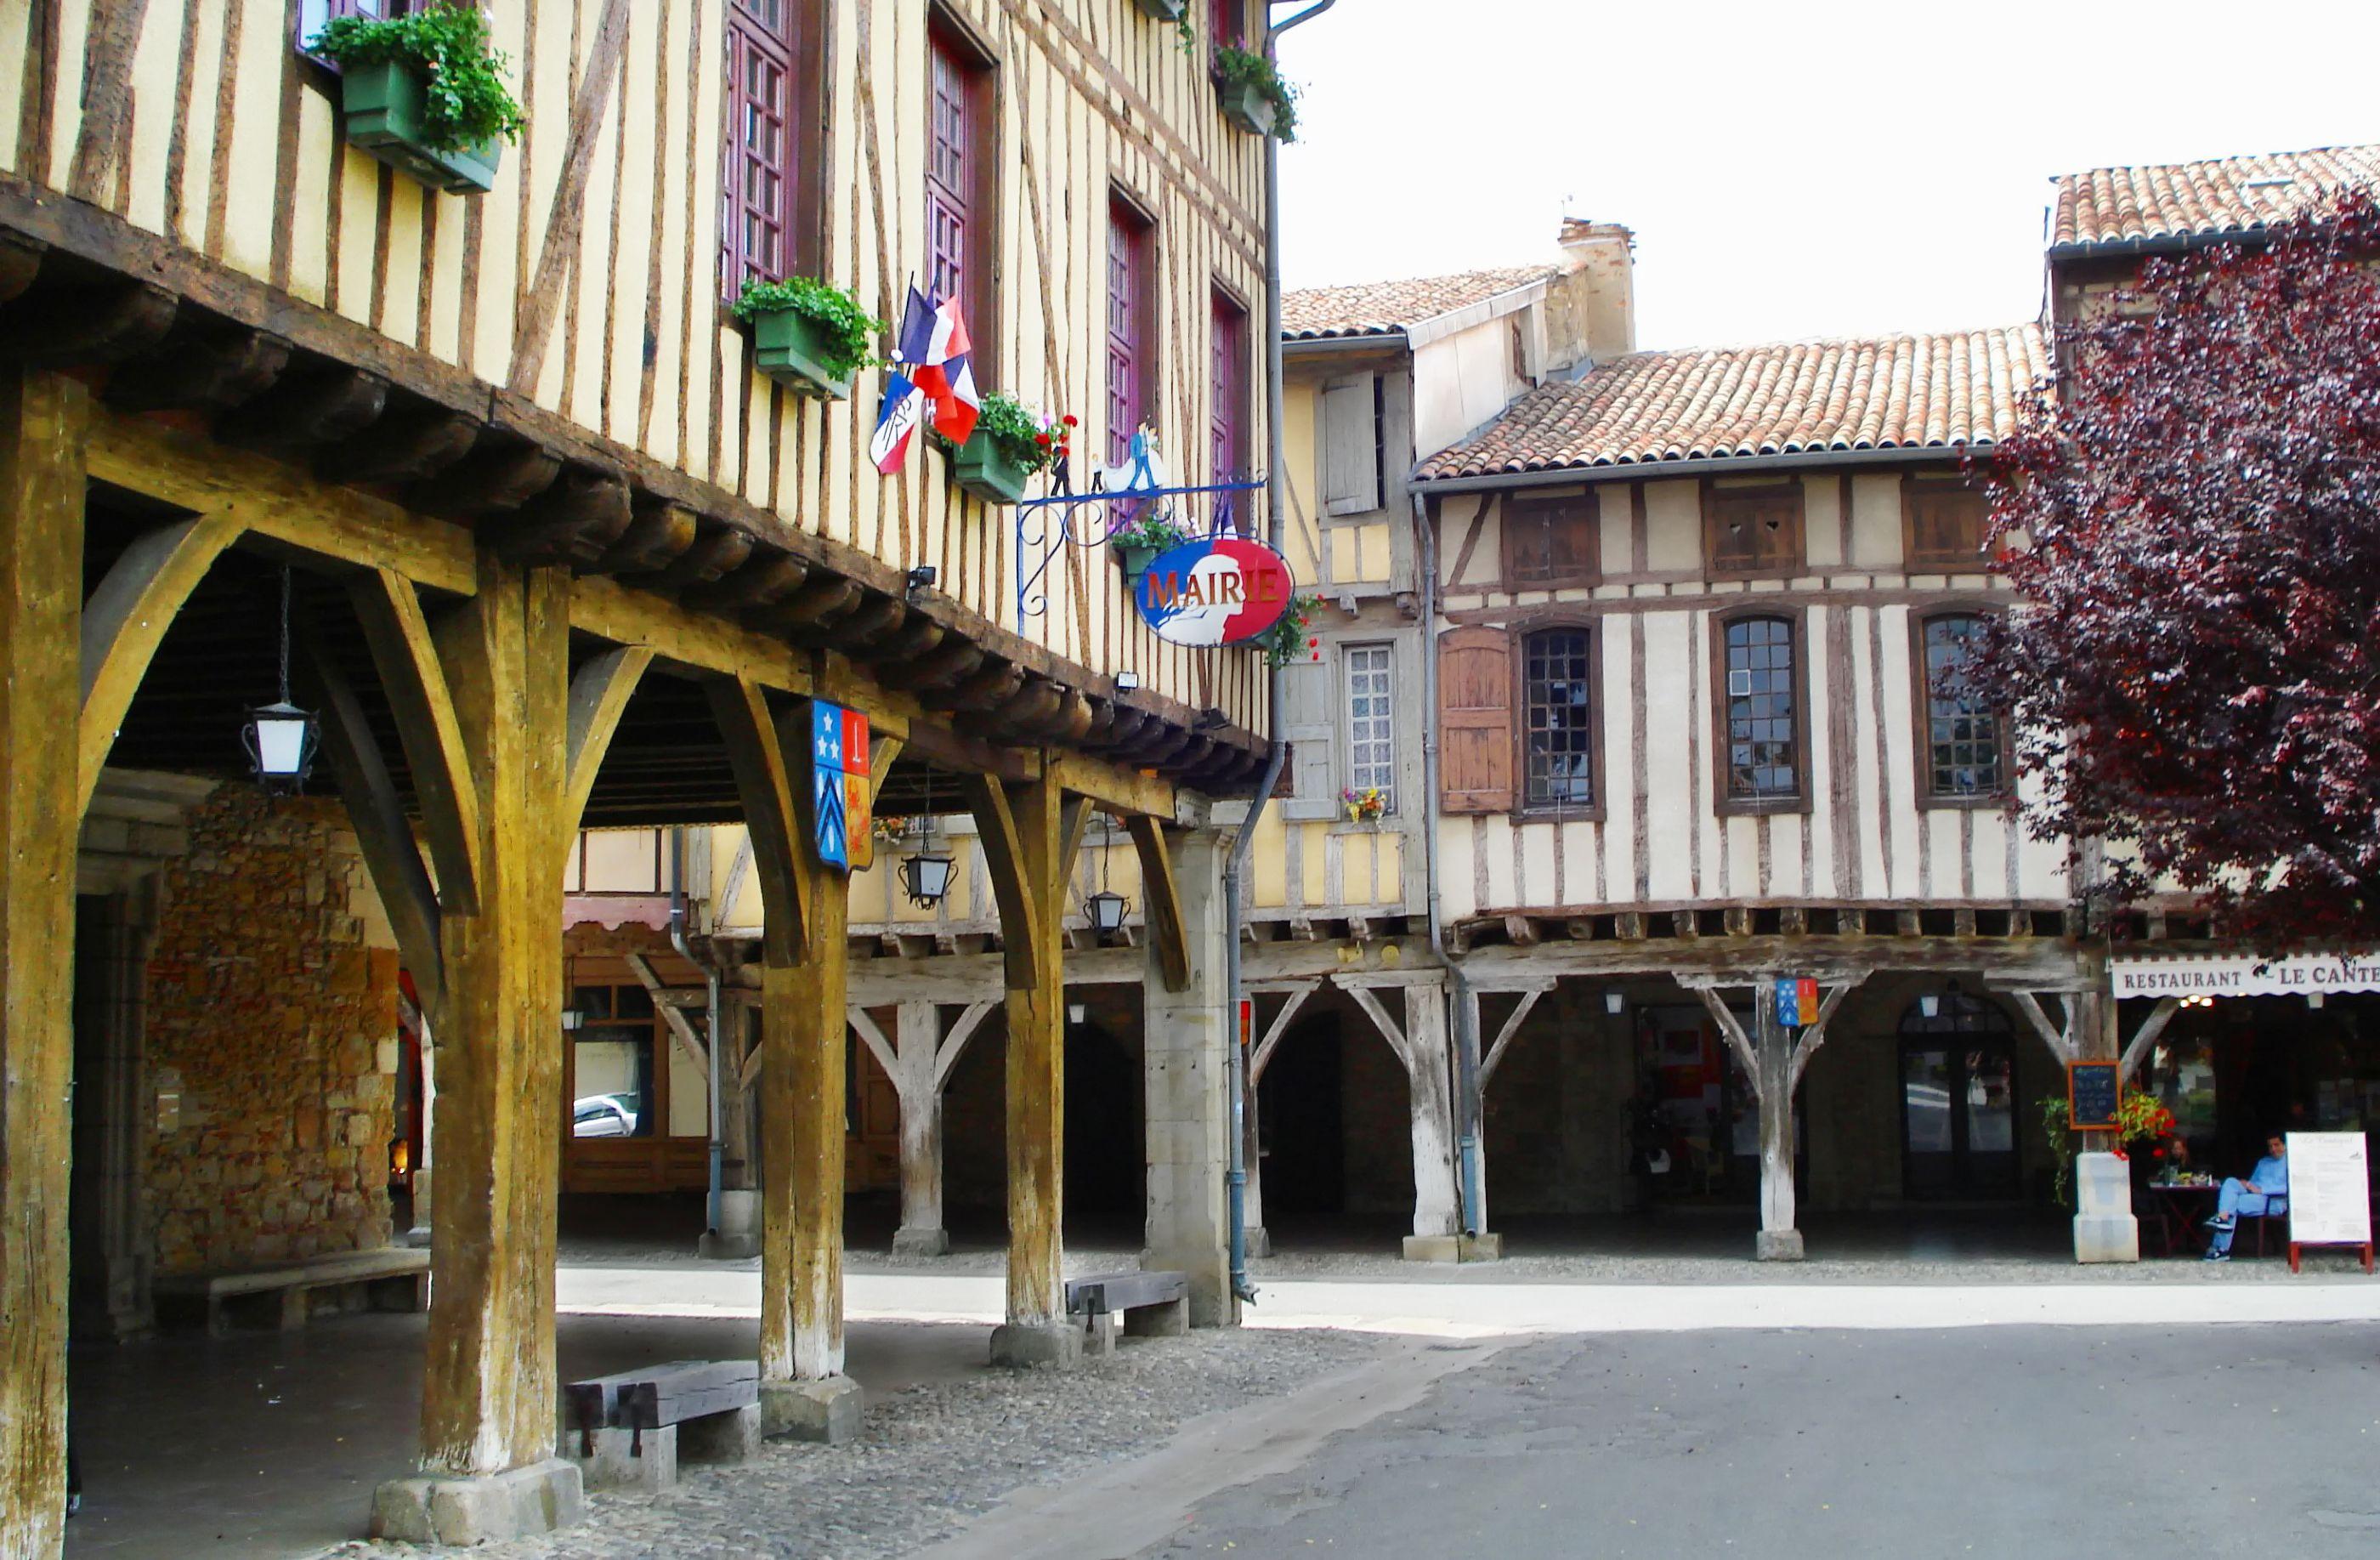 Das ist mirepoix plz seite liste. Mirepoix, France | Beautiful